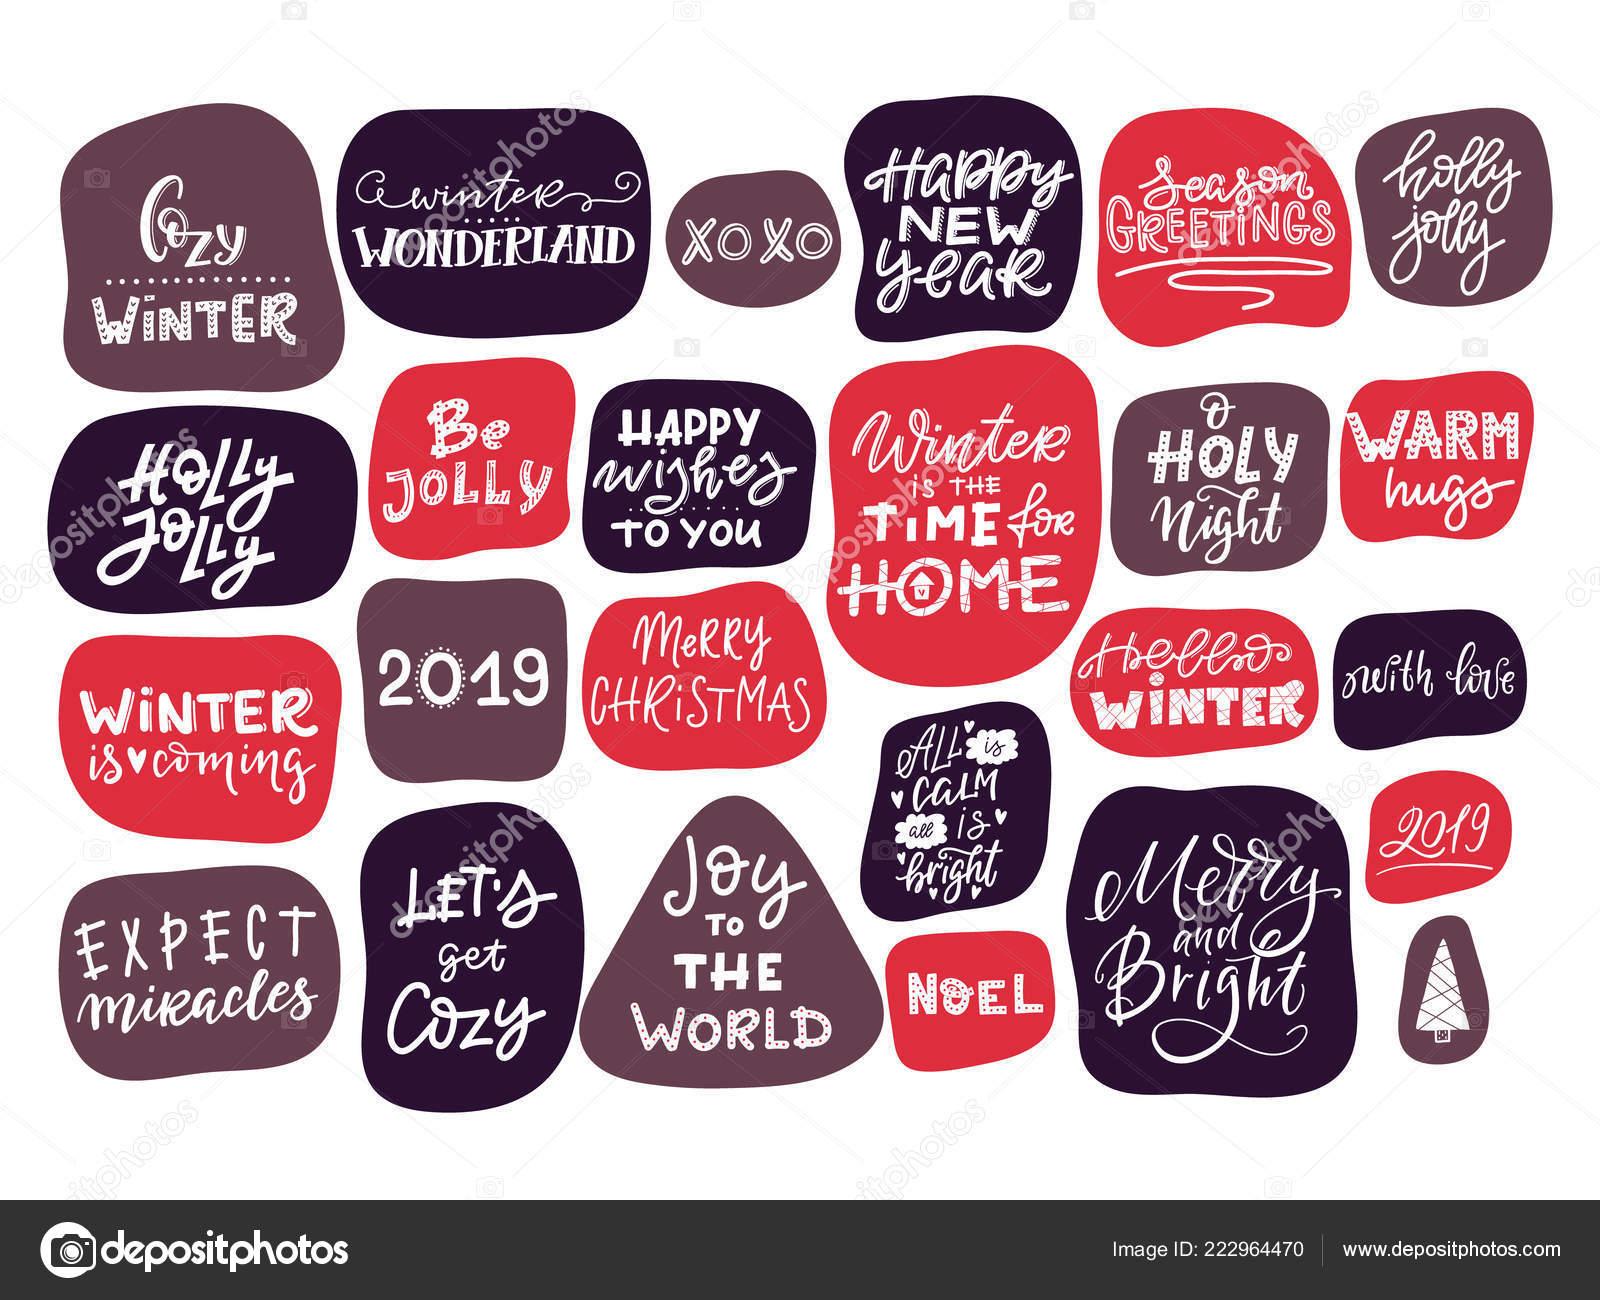 Frases Y Citas Para Navidad.Letra Invierno Vector Frase Dibujada Mano Citas Feliz